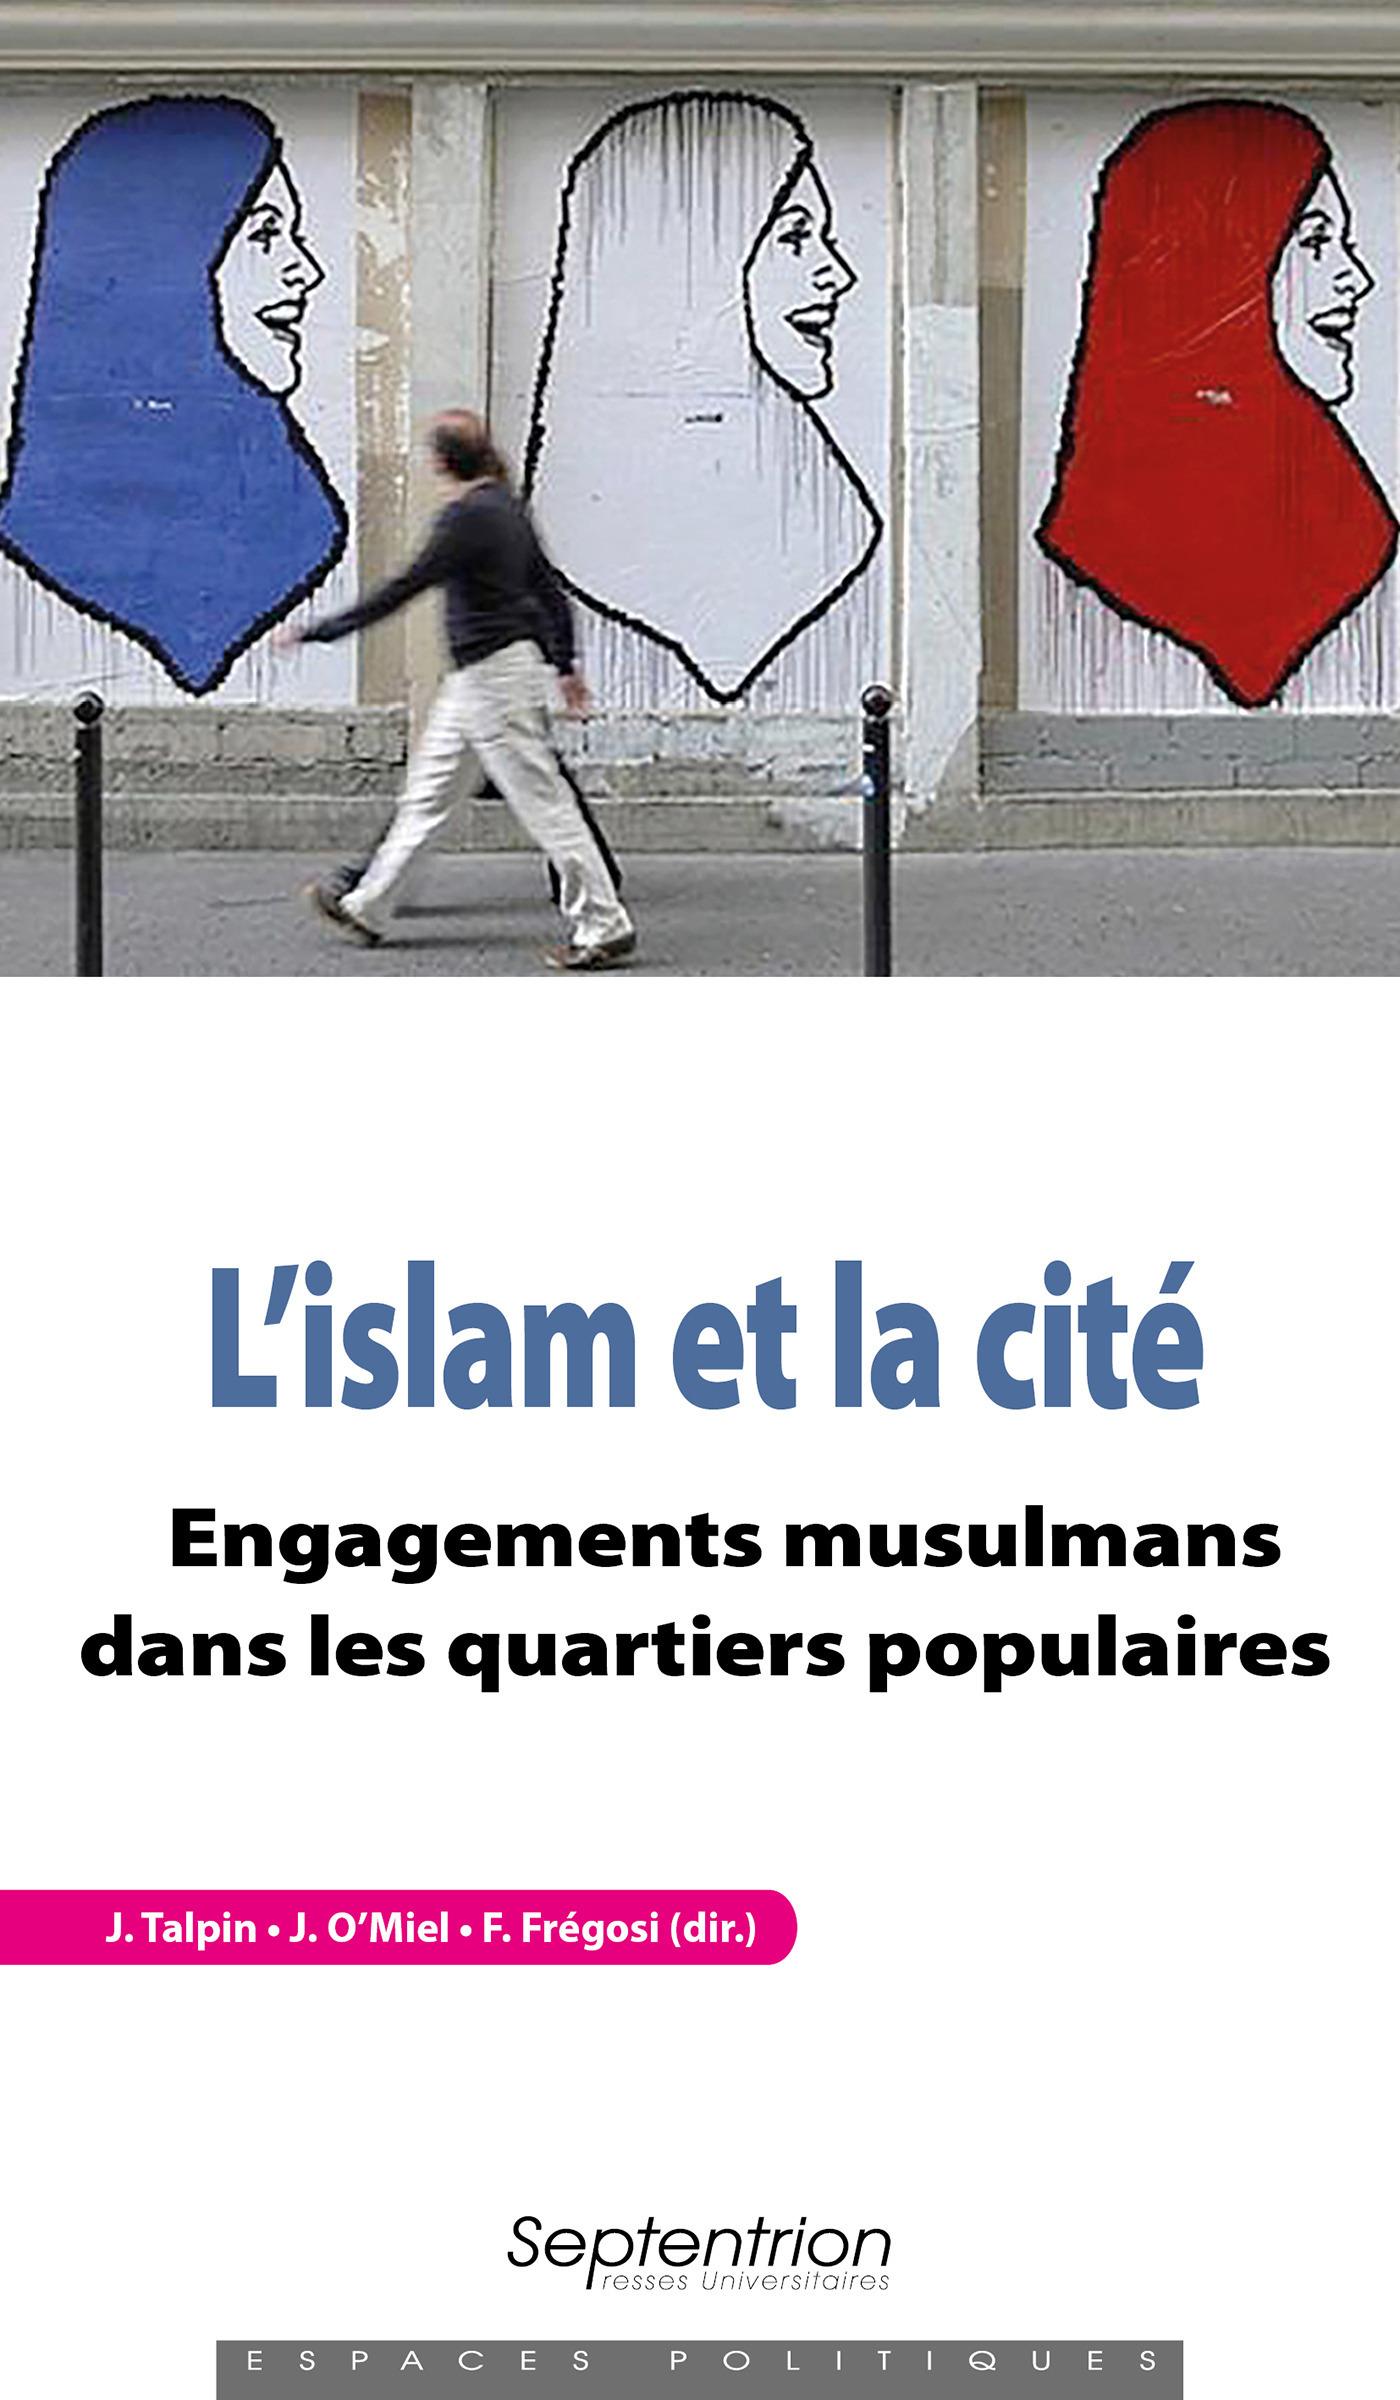 L'Islam et la cité ; engagements musulmans dans les quartiers populaires